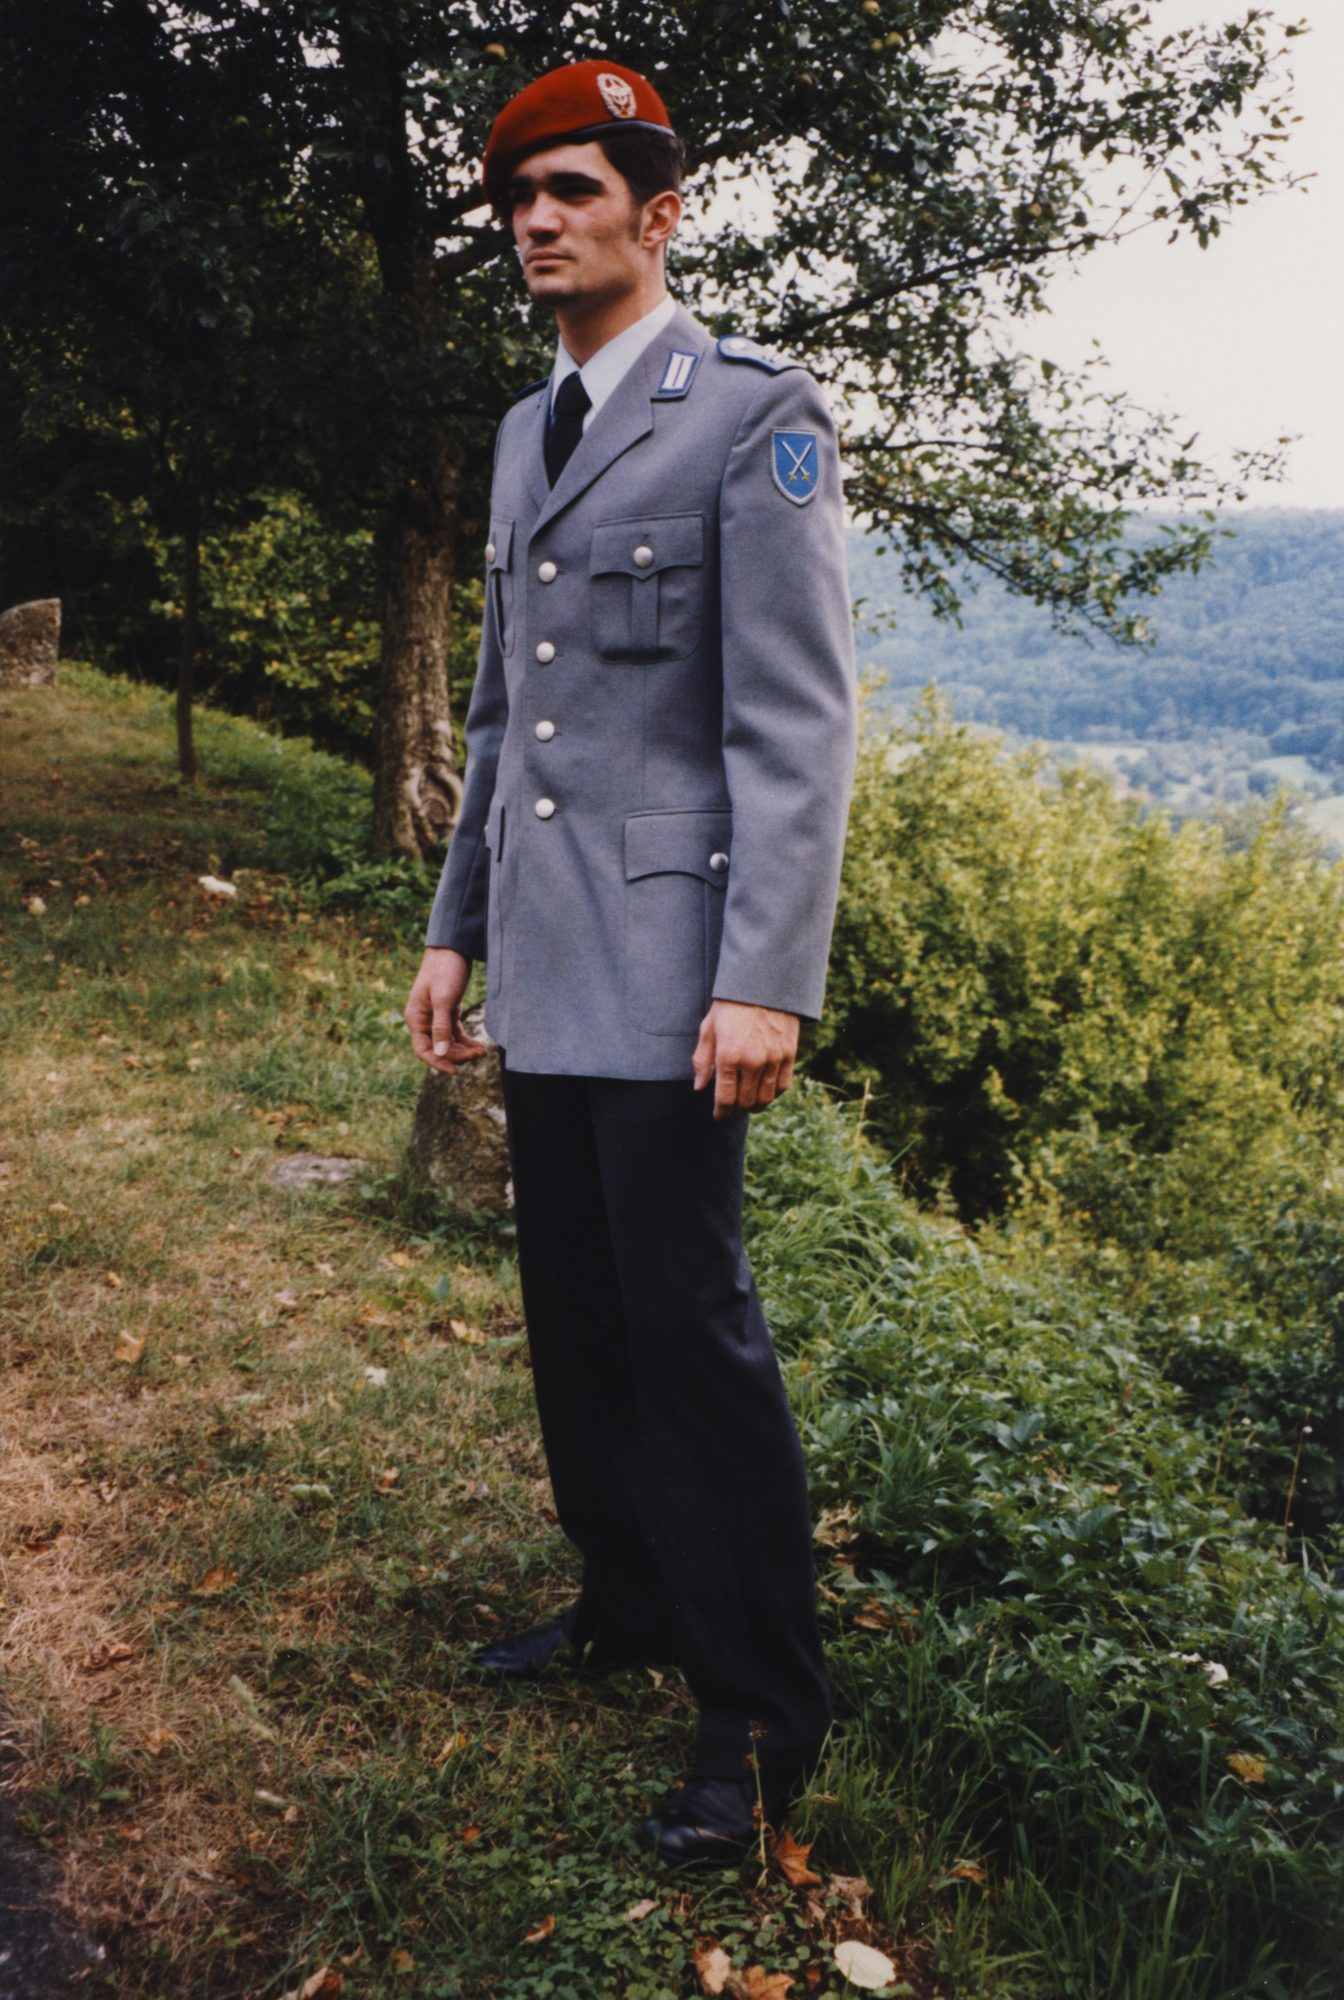 Thilo in Uniform, Wehrdienst 1997 -1998.